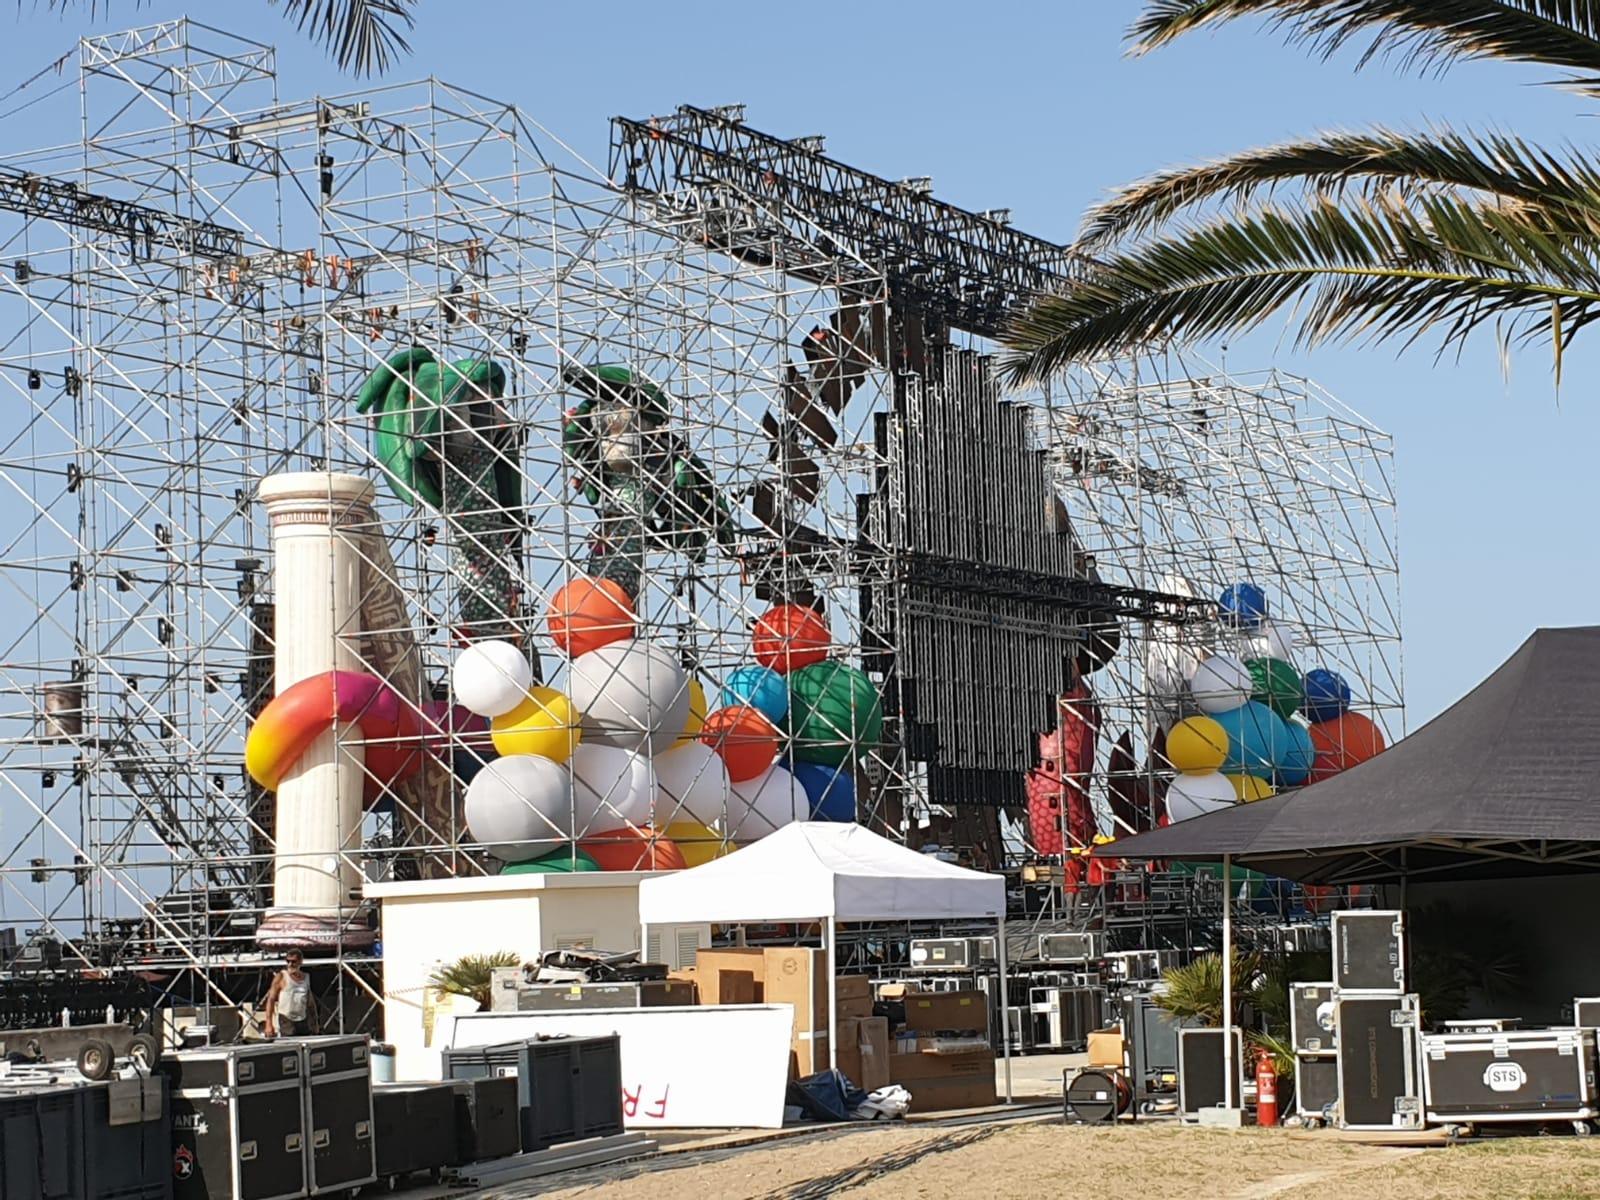 Il mega palco oggi pomeriggio, alla vigilia del concerto